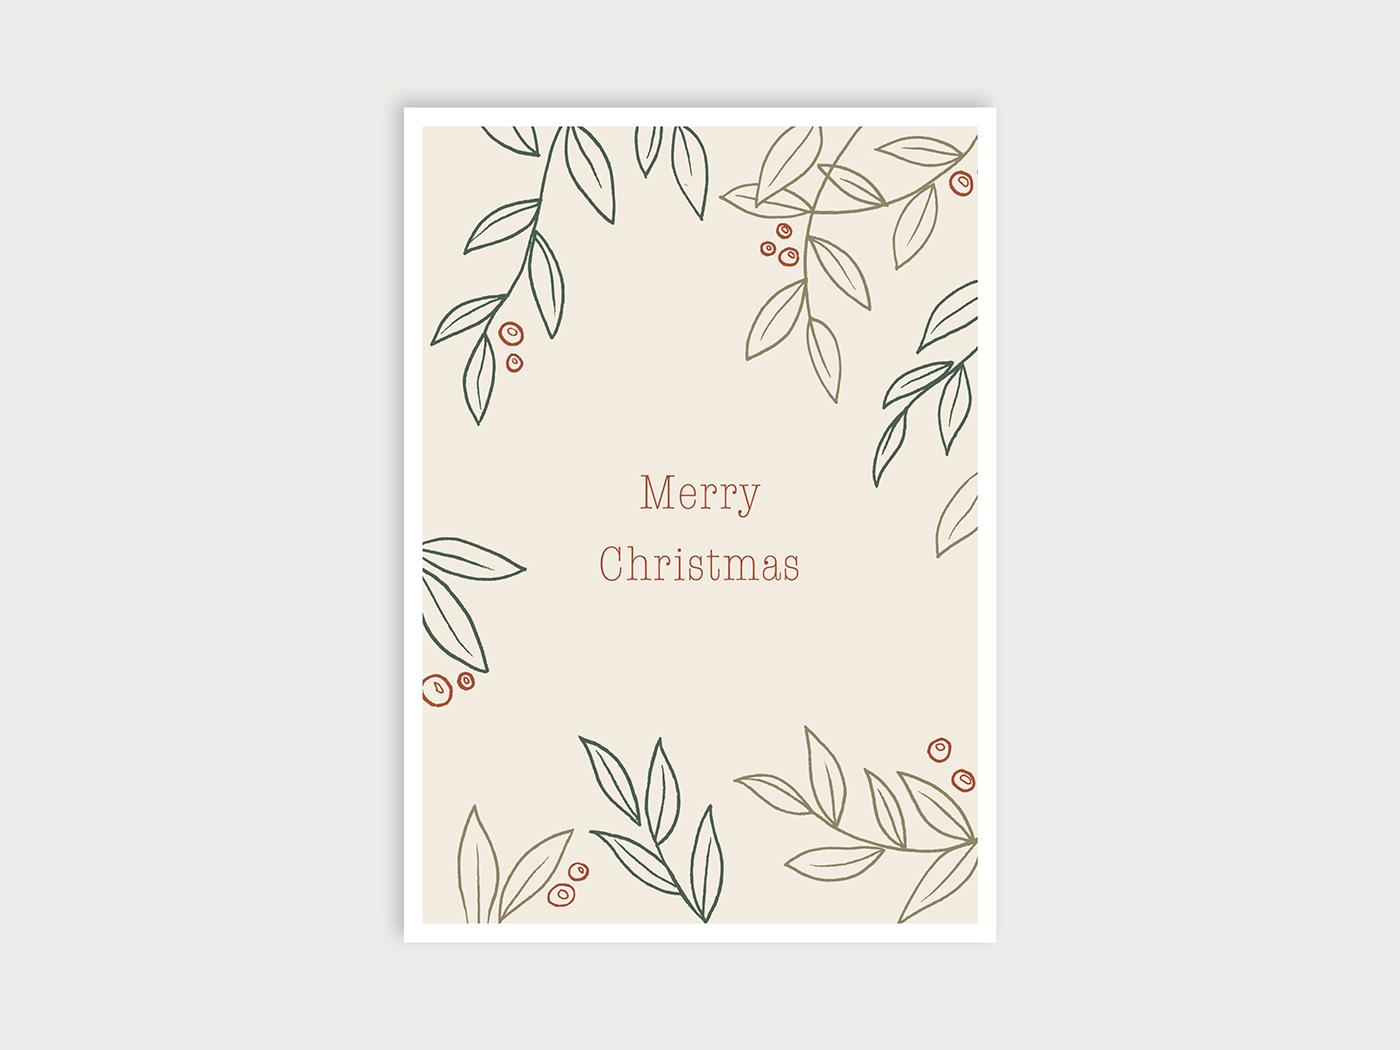 Merrychristmas_Bispinck_vorschau12